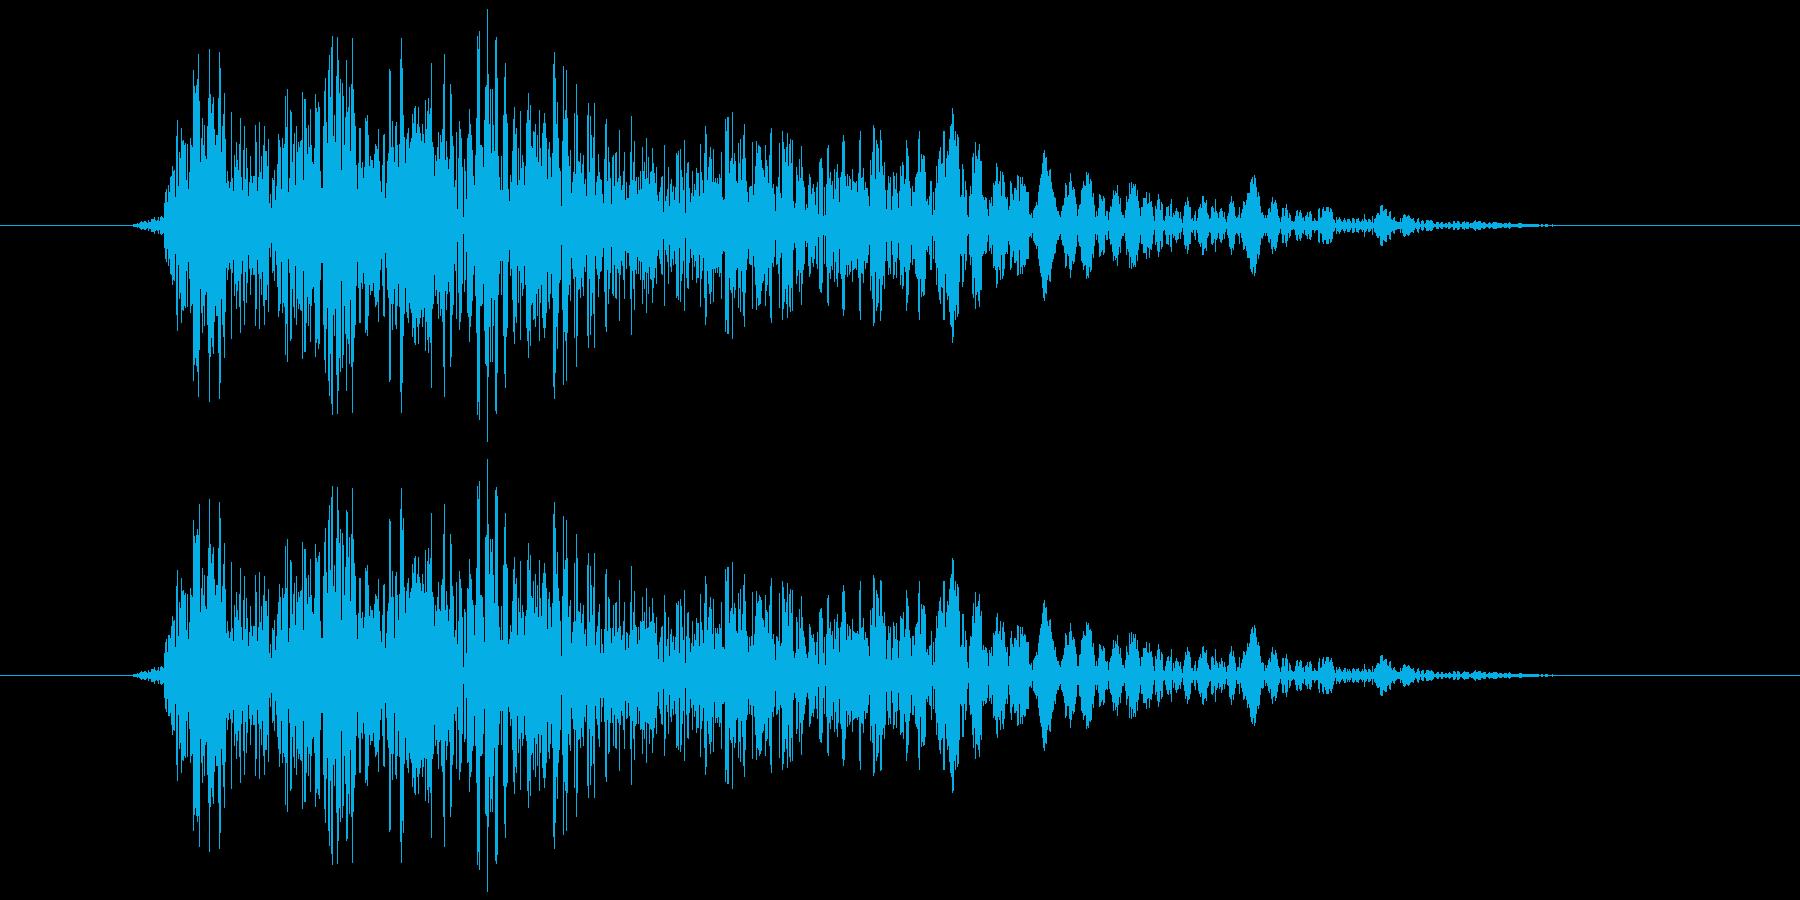 シューティングのショット音 5段階の3の再生済みの波形